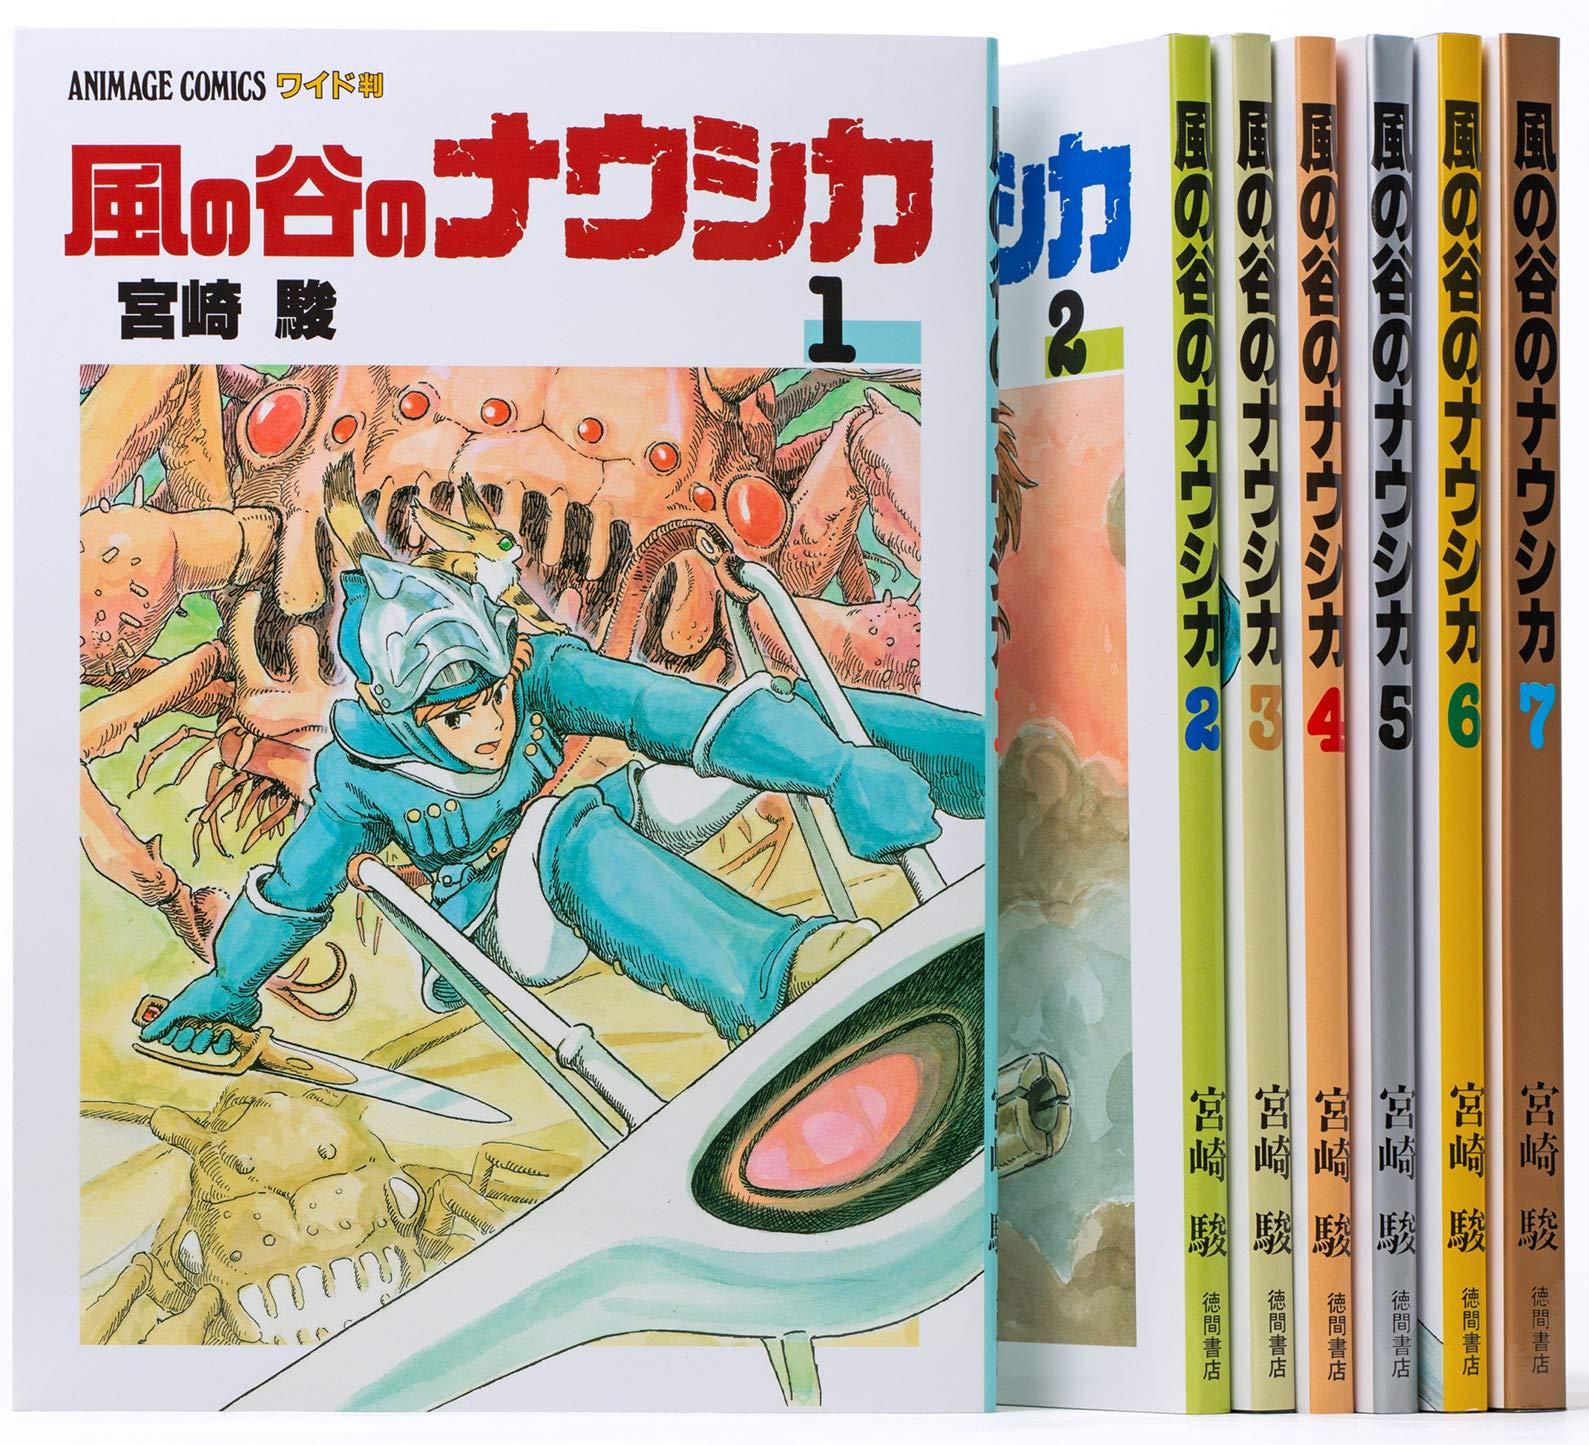 【風の谷のナウシカ】には原作漫画があった?アニメ版との違いについて解説!